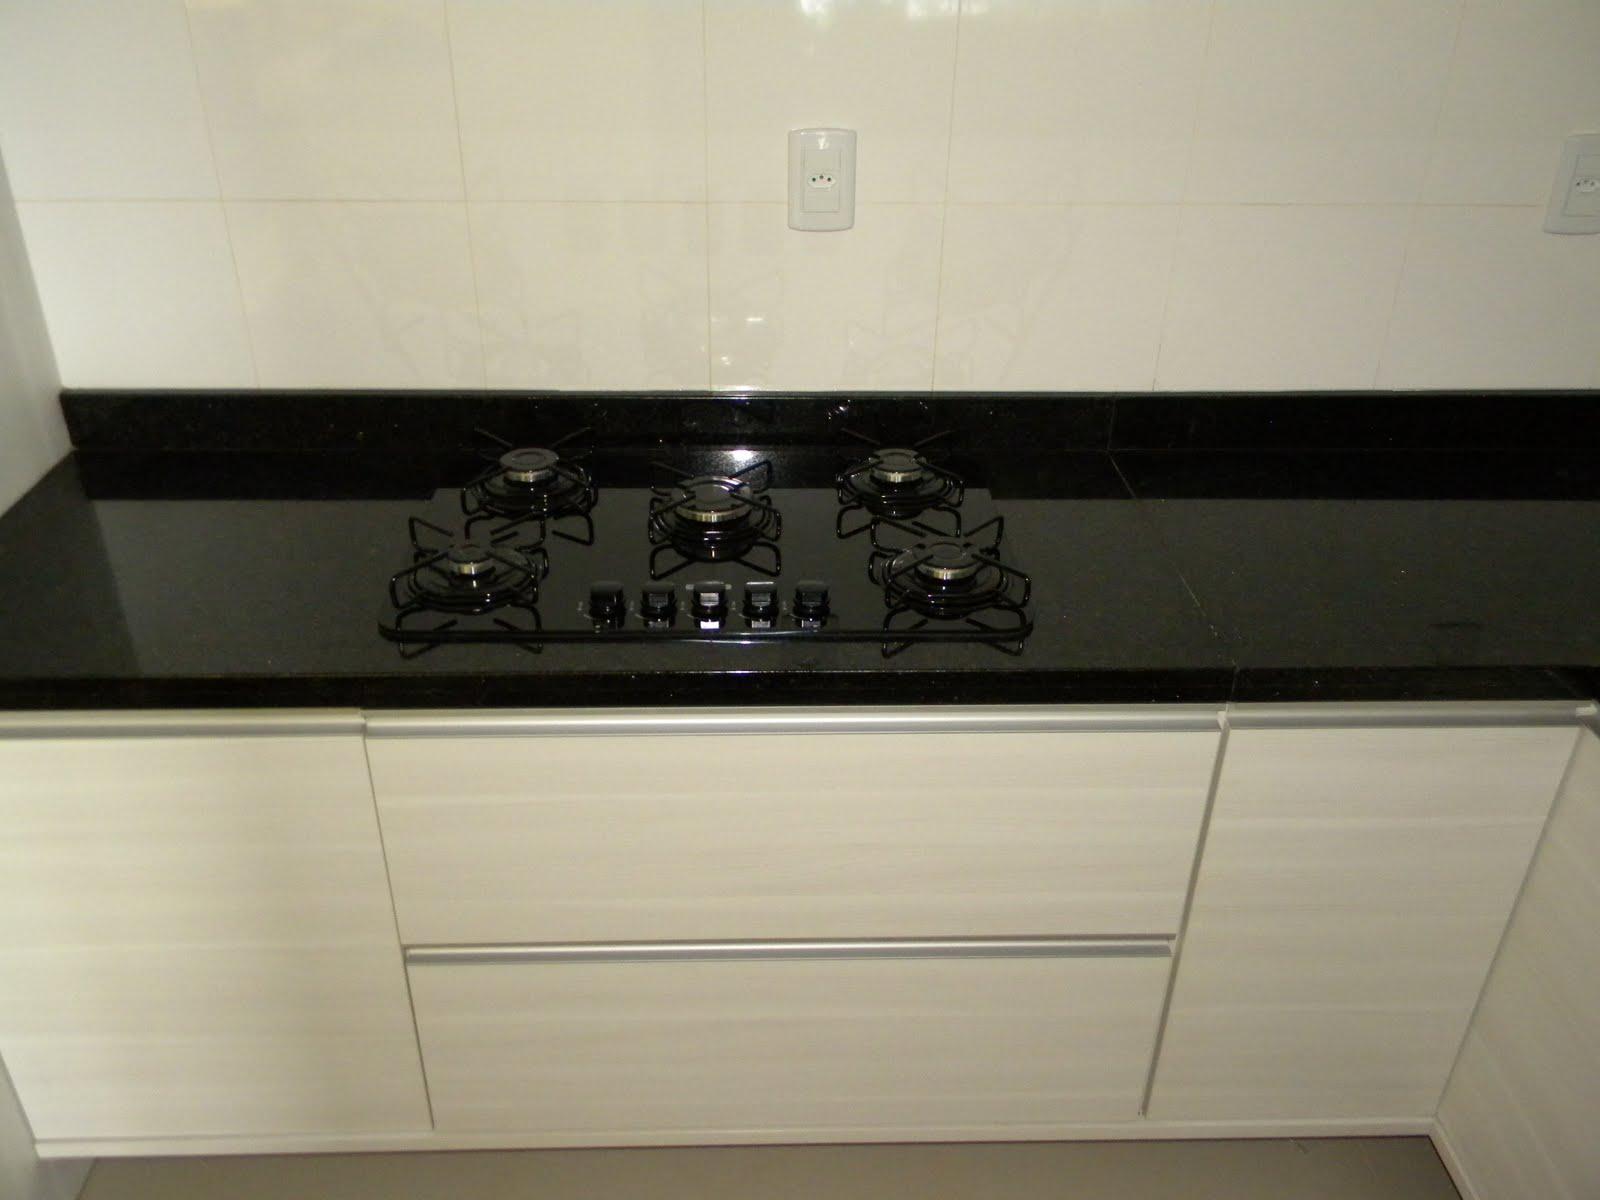 Cozinha de granito Preto São Gabriel Marmoraria MPK #7B7450 1600x1200 Banheiro Com Bancada De Granito Preto